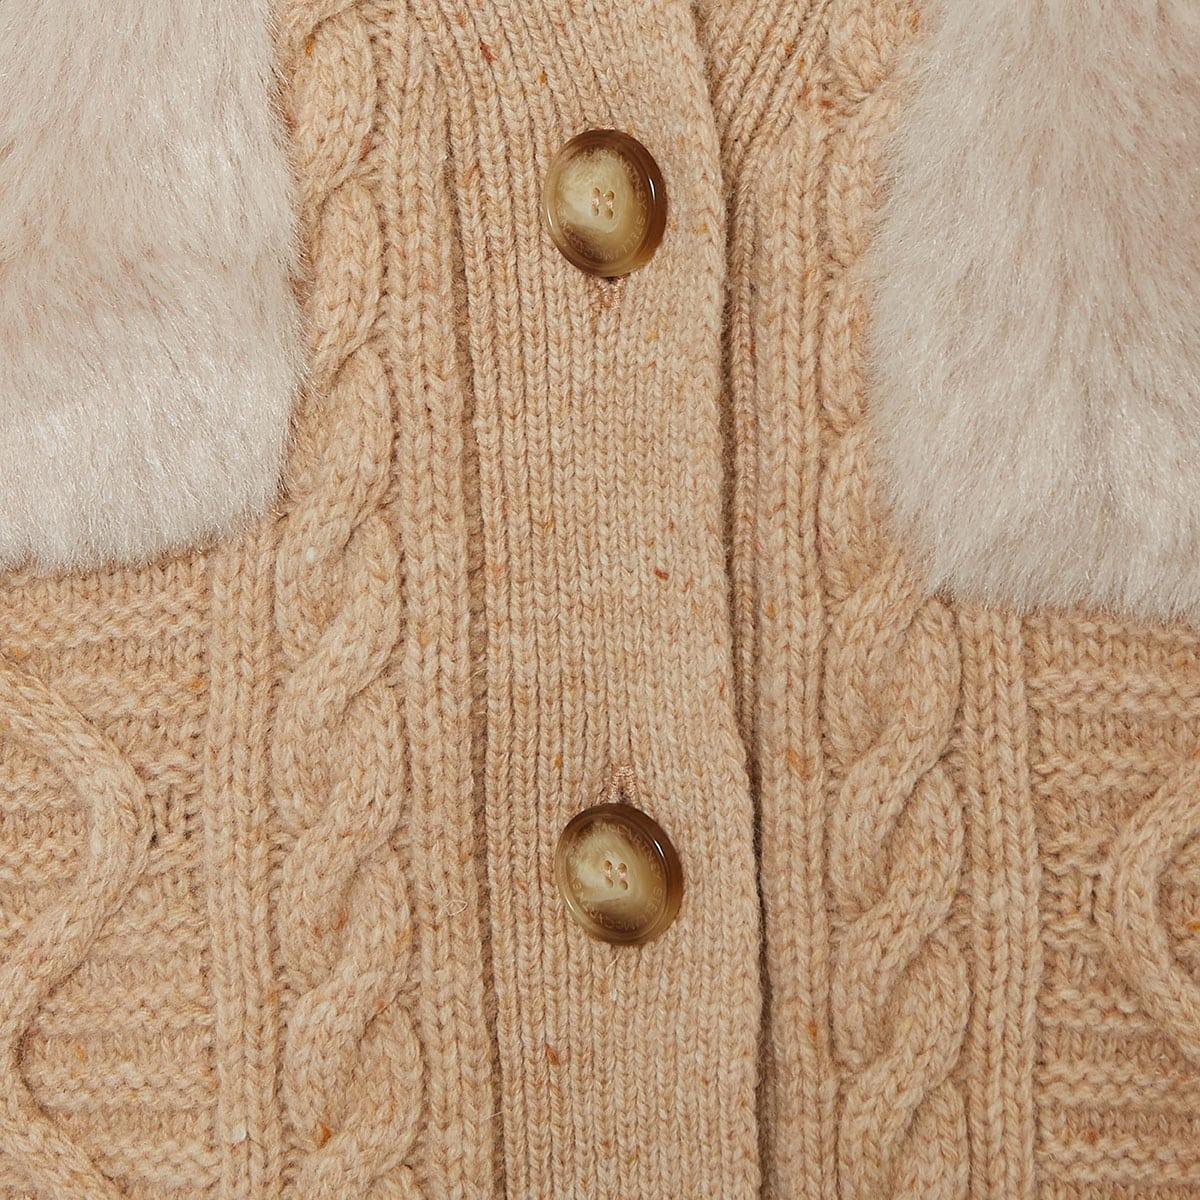 Faux fur paneled cardigan